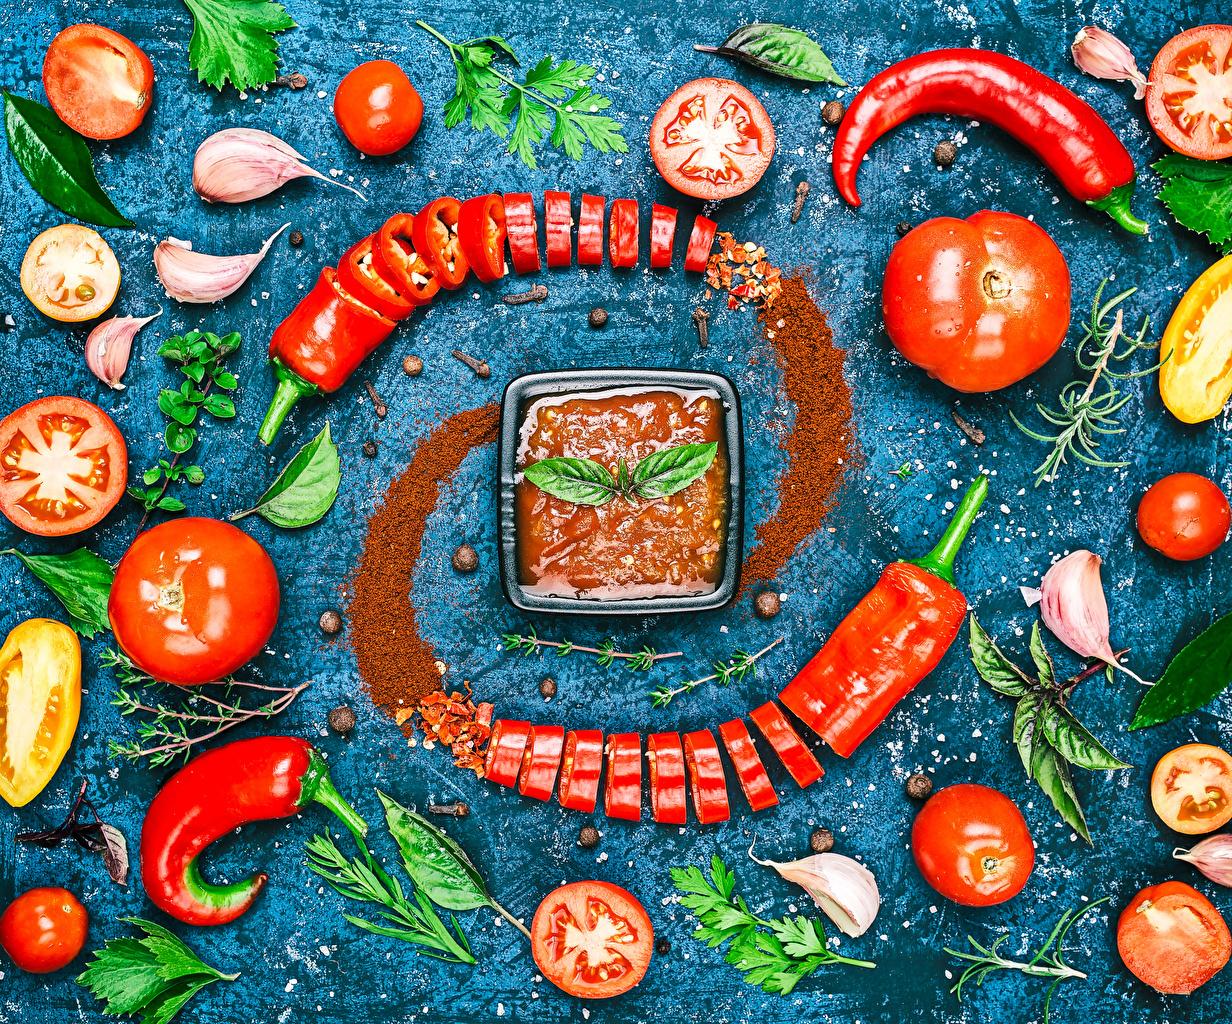 Фотография Помидоры Острый перец чили Кетчуп Чеснок Пища Овощи Томаты кетчупа кетчупом Еда Продукты питания